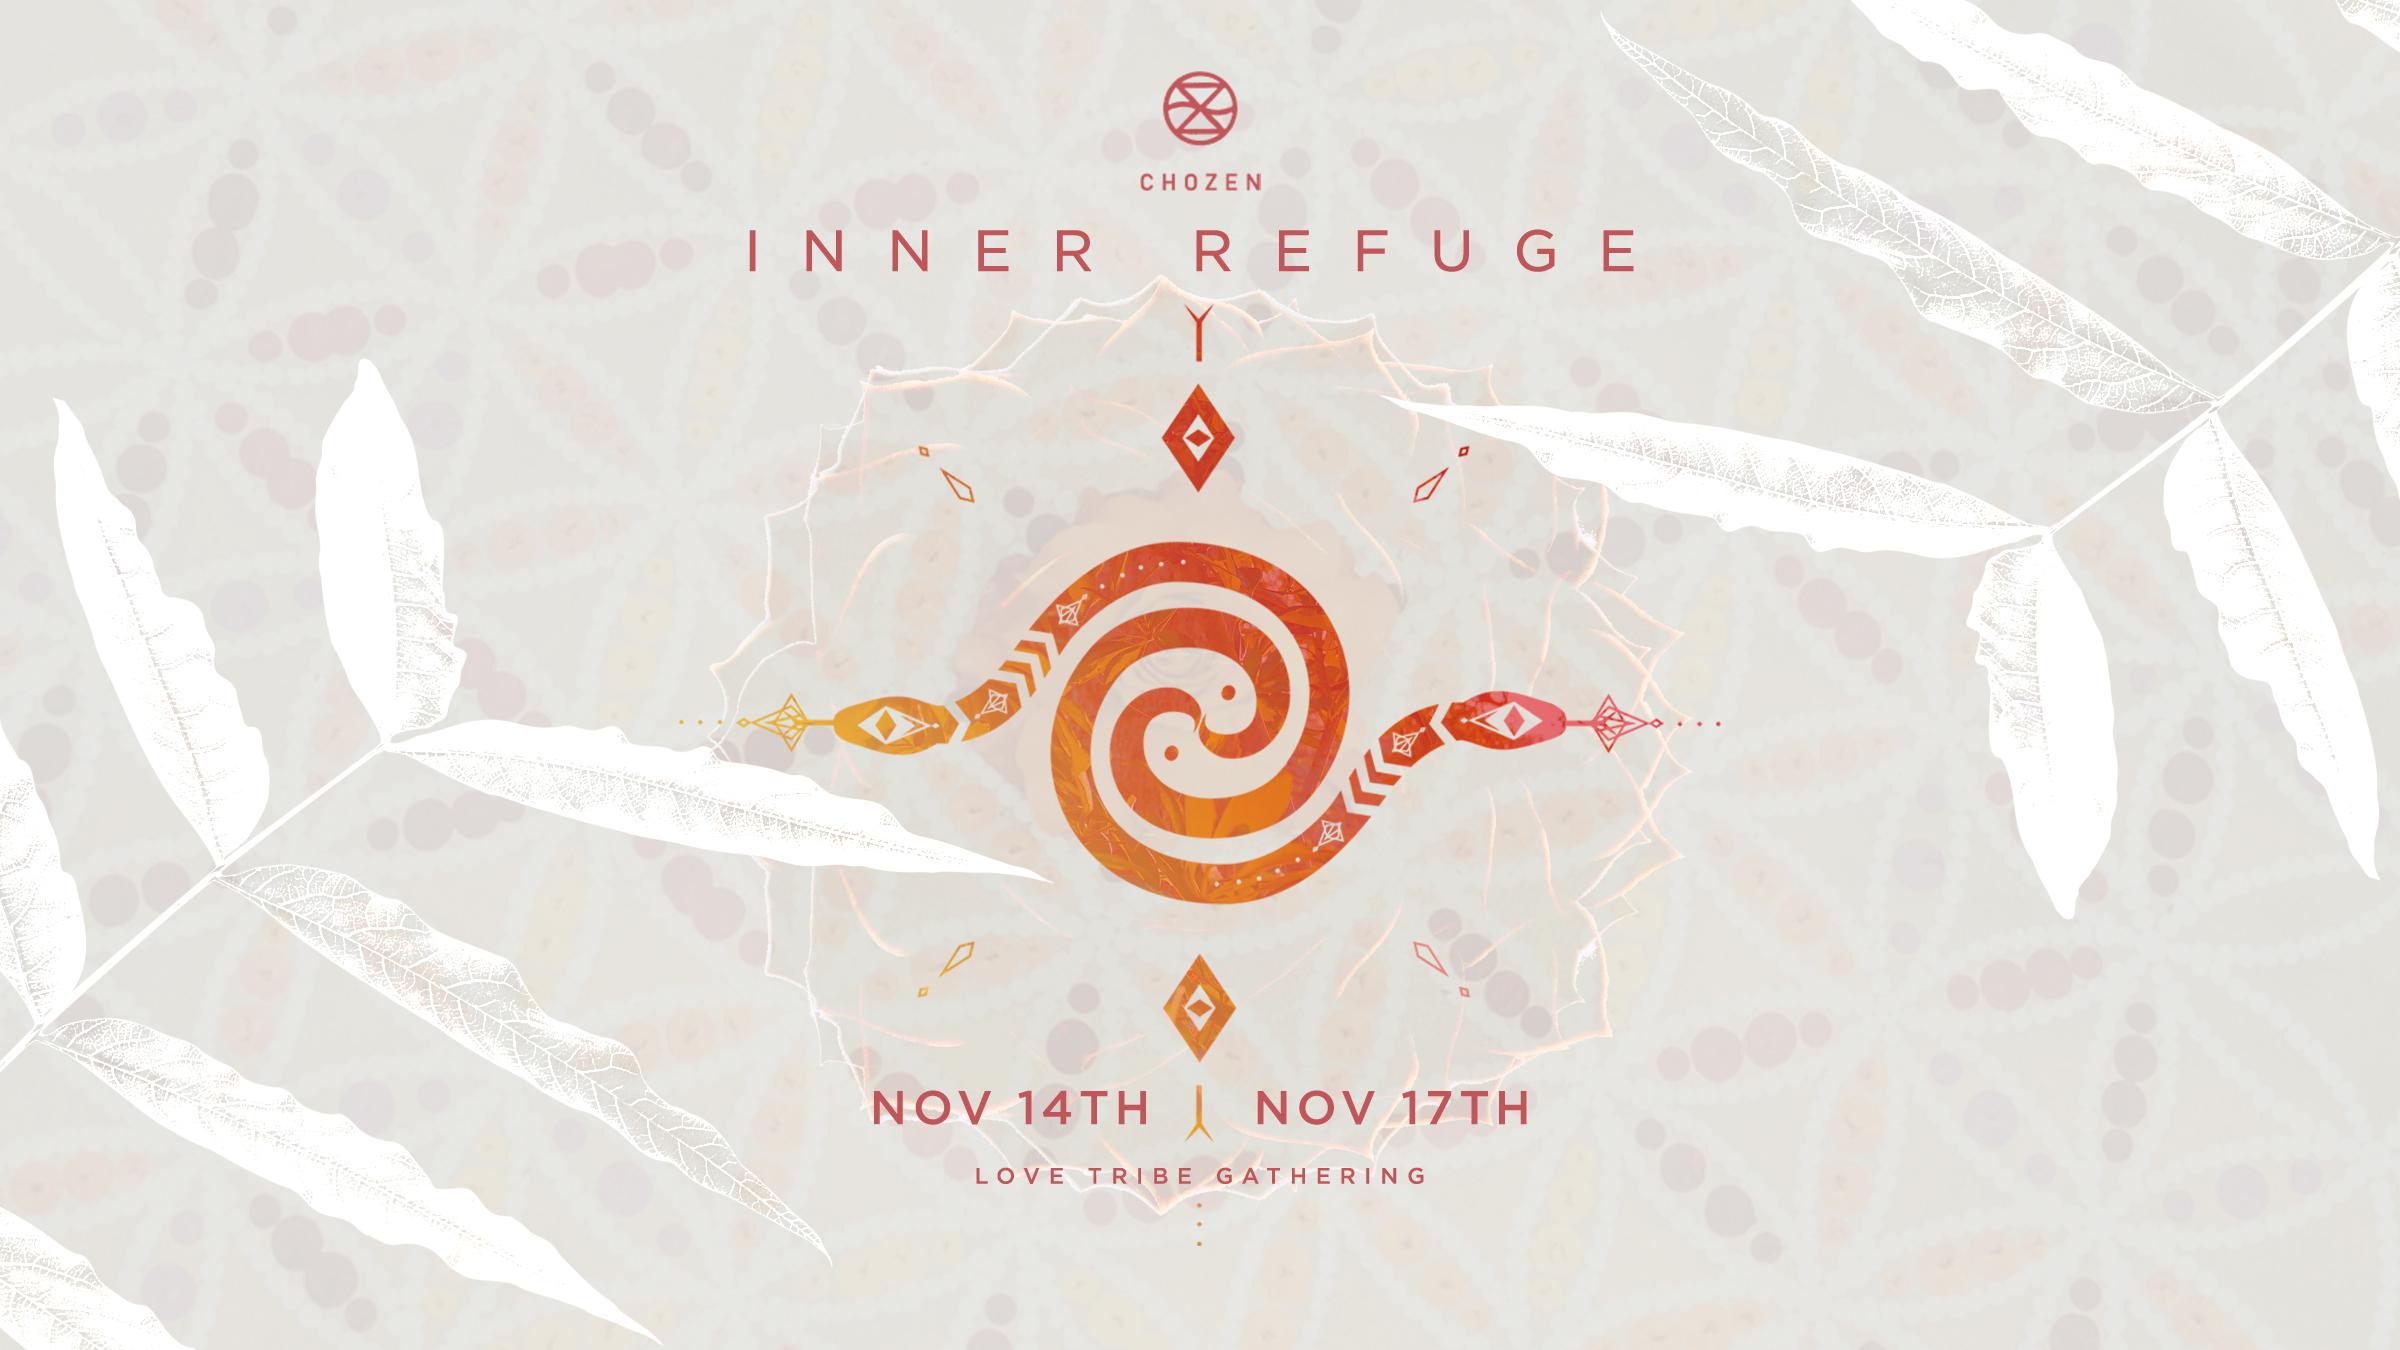 inner-refuge-chozen-creative.jpg